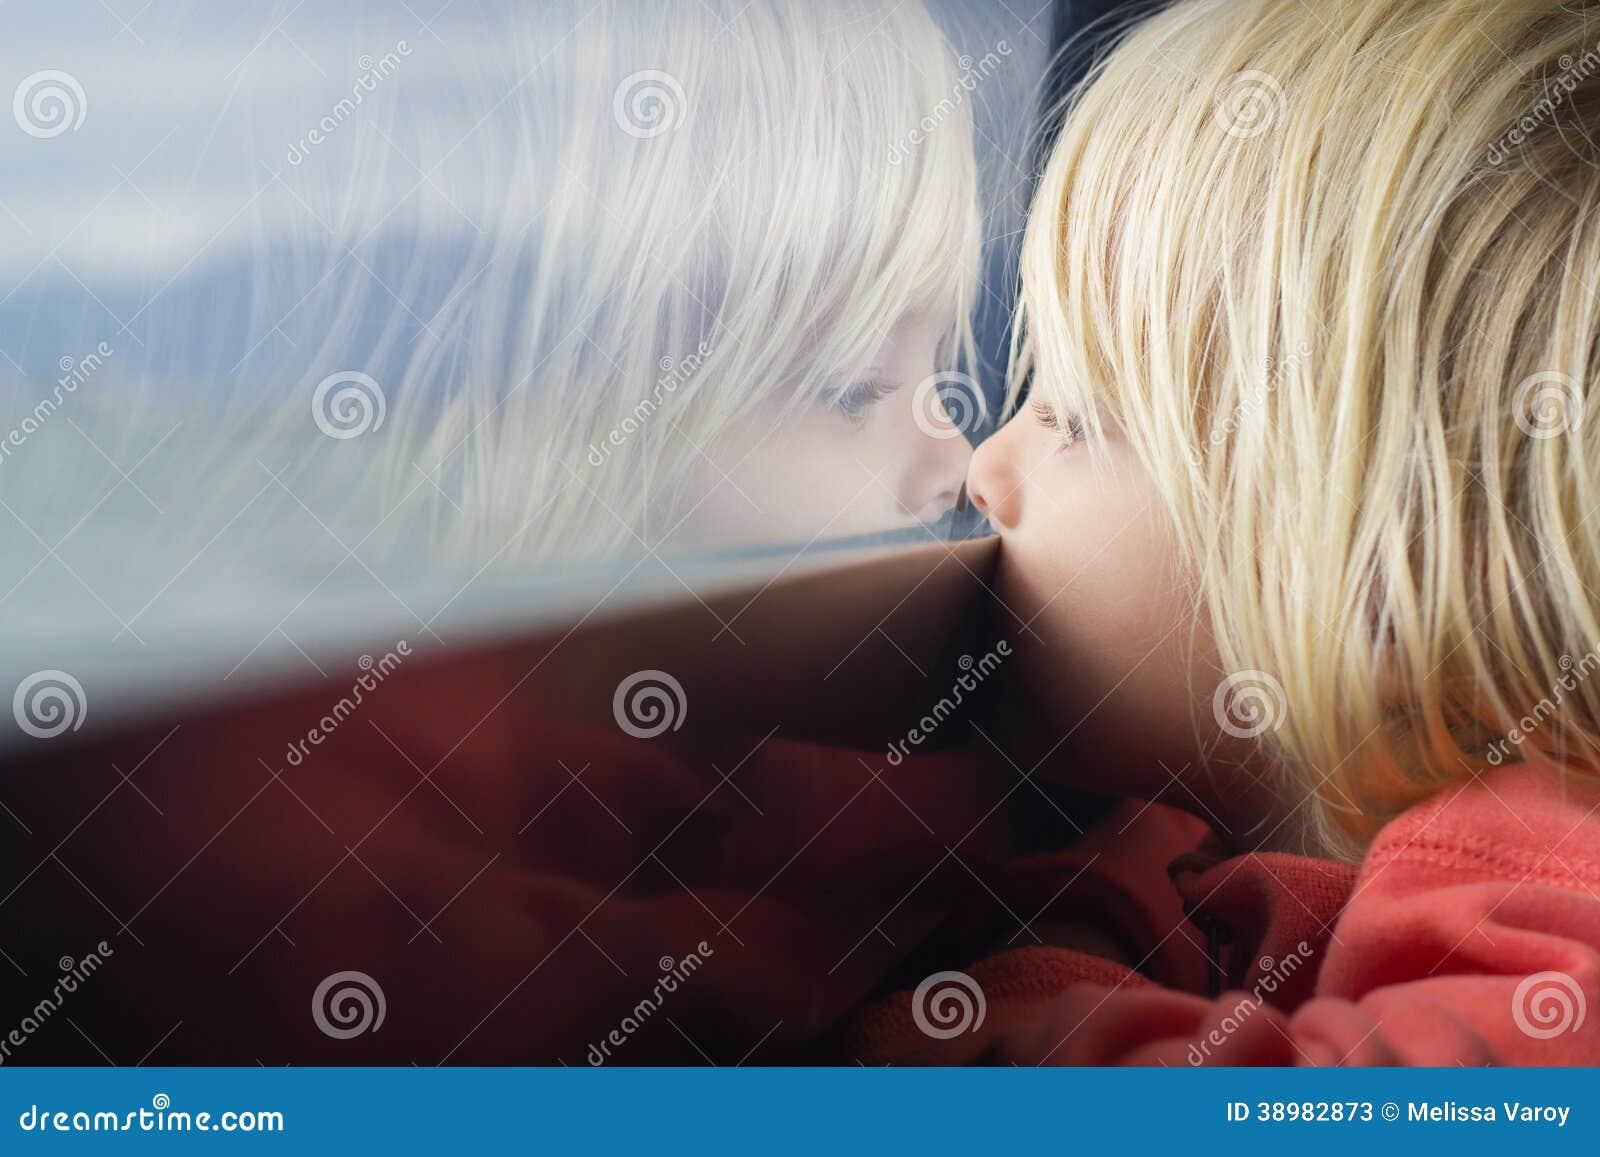 Gulligt barn djupt i tanke